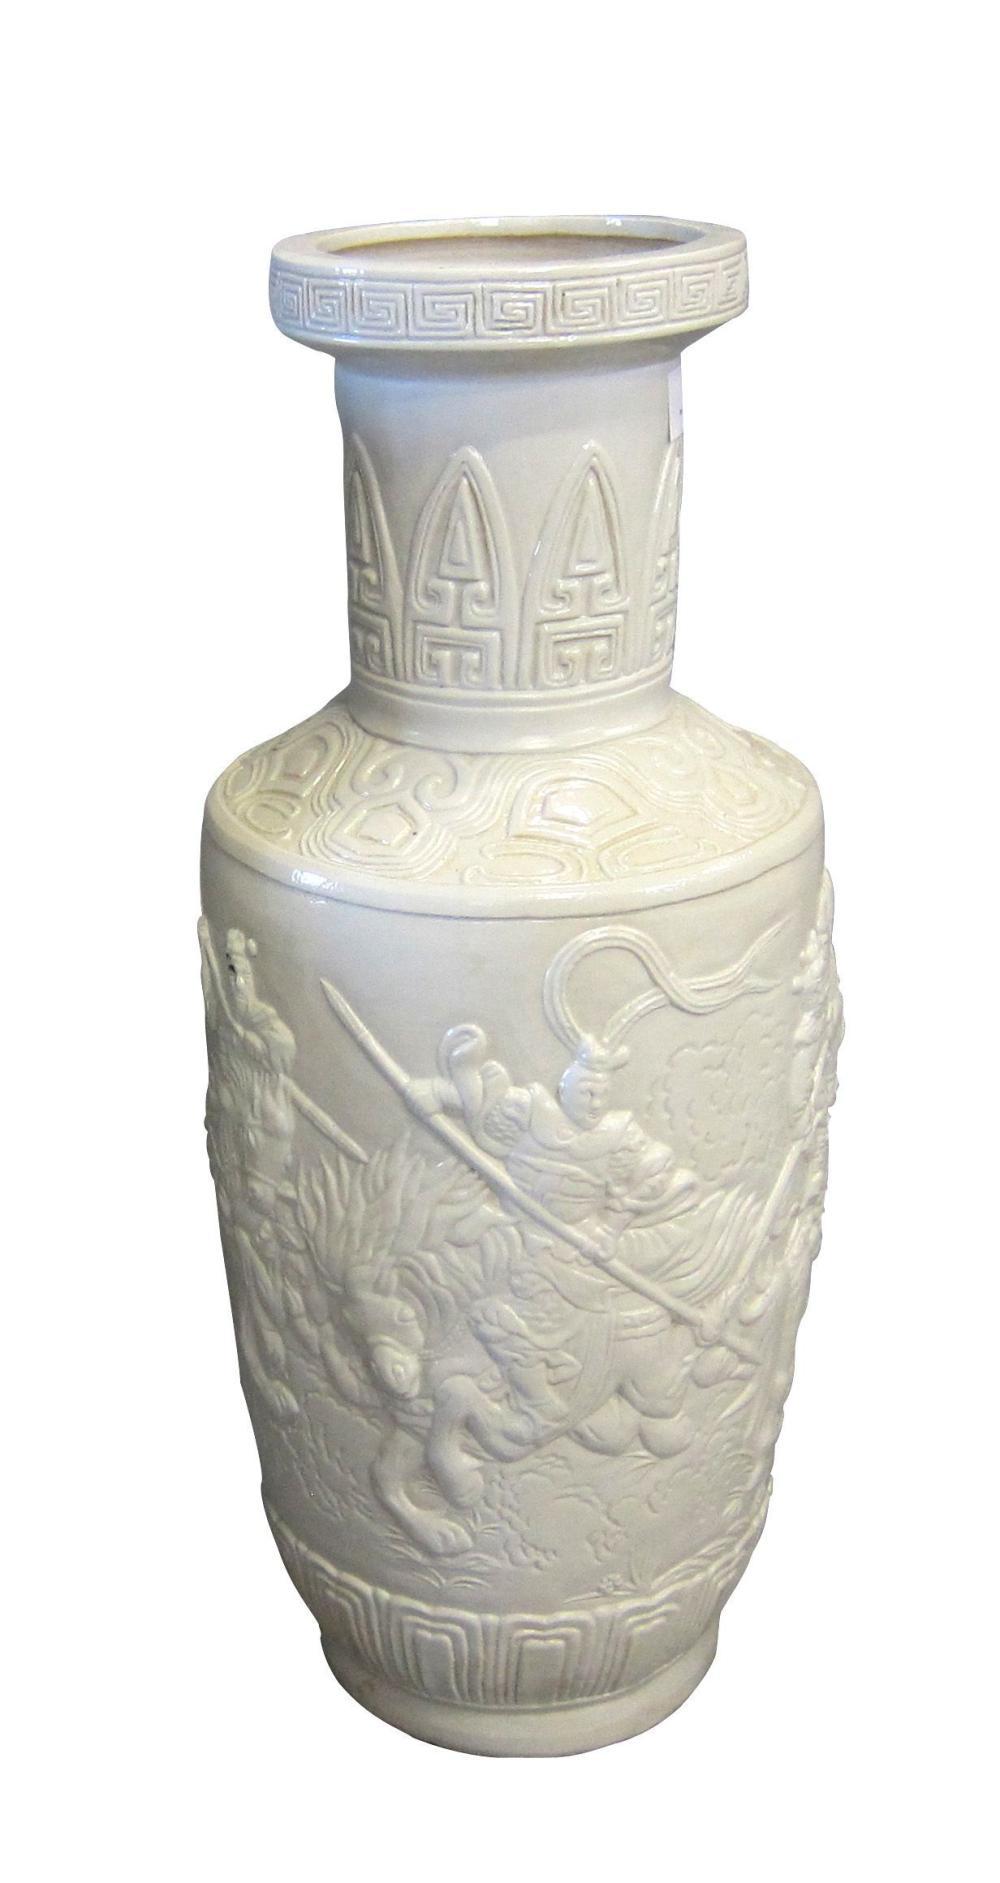 White glazed baluster-form vase